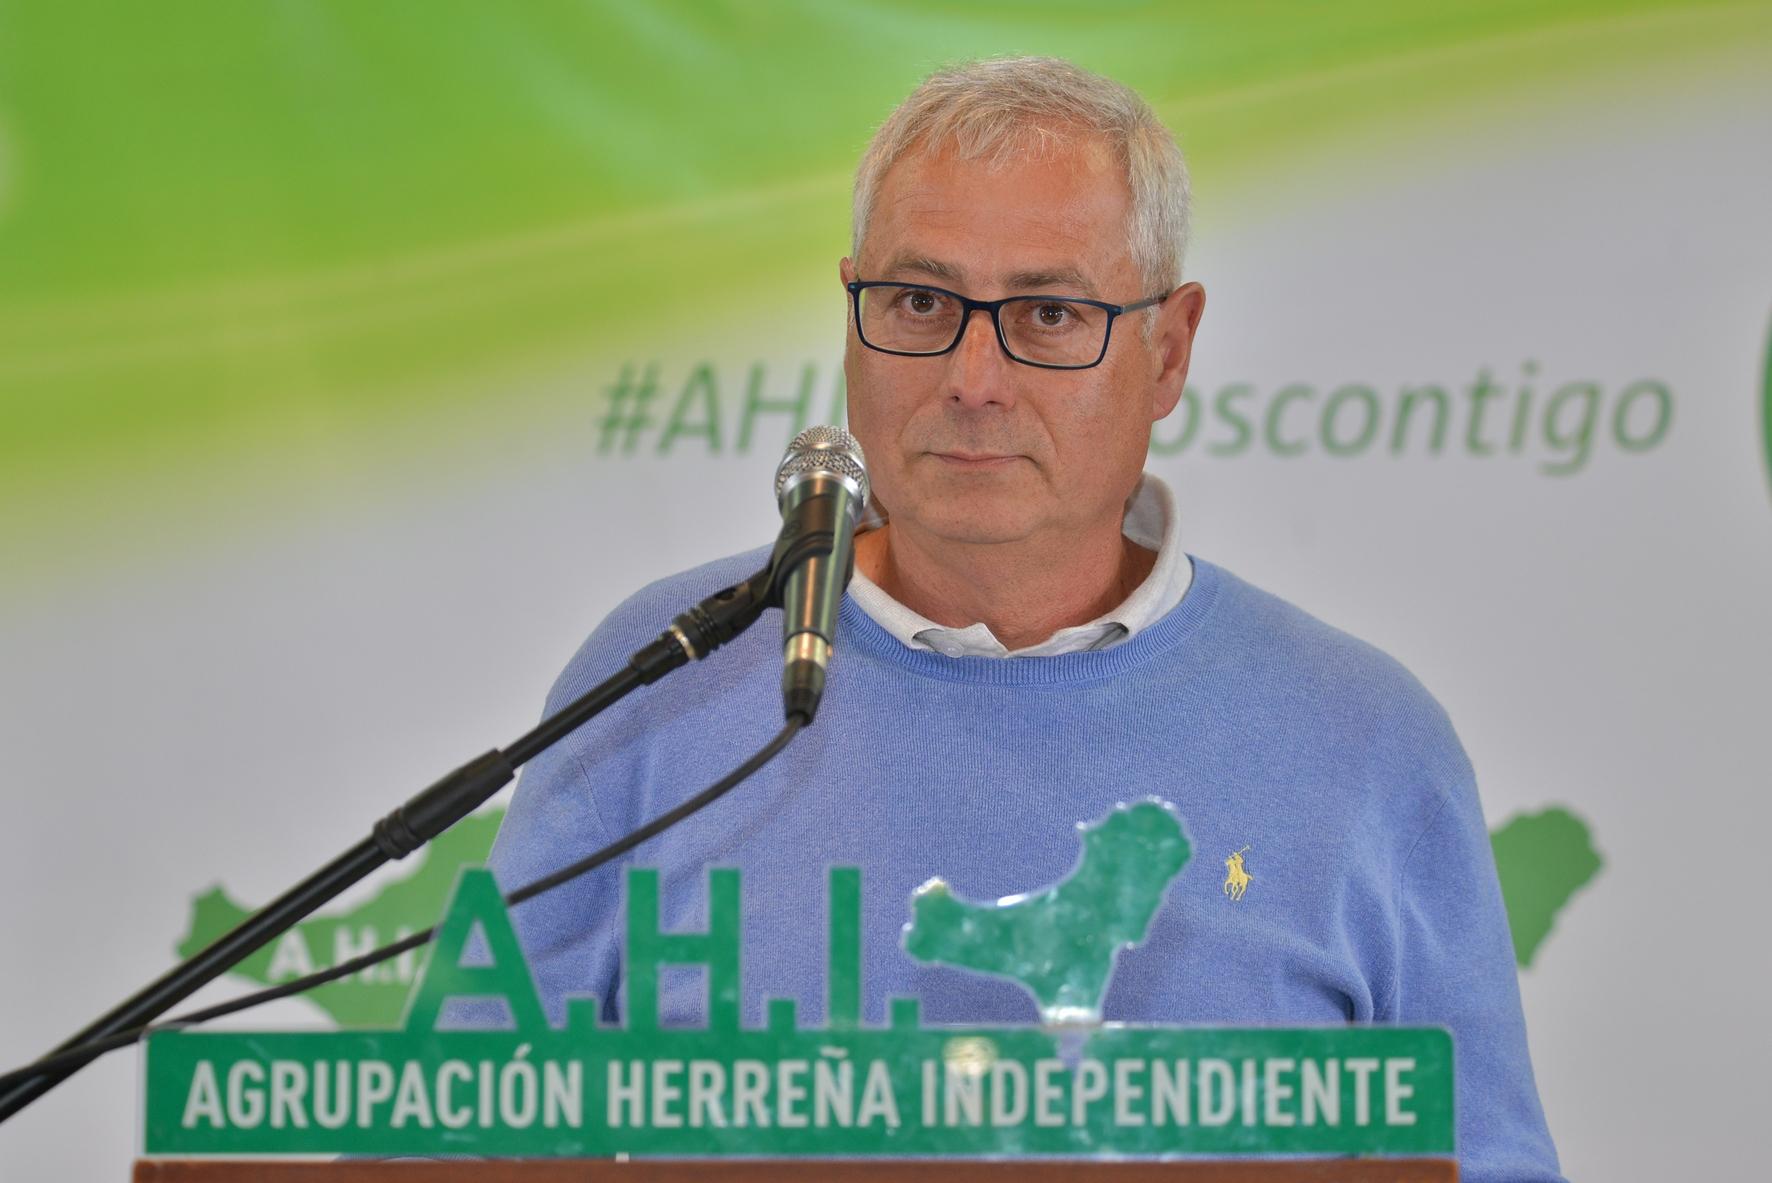 """AHI califica de """"solución chapucera"""" la contratación de un vigilante privado que hará labores de policía local en el municipio de El Pinar."""